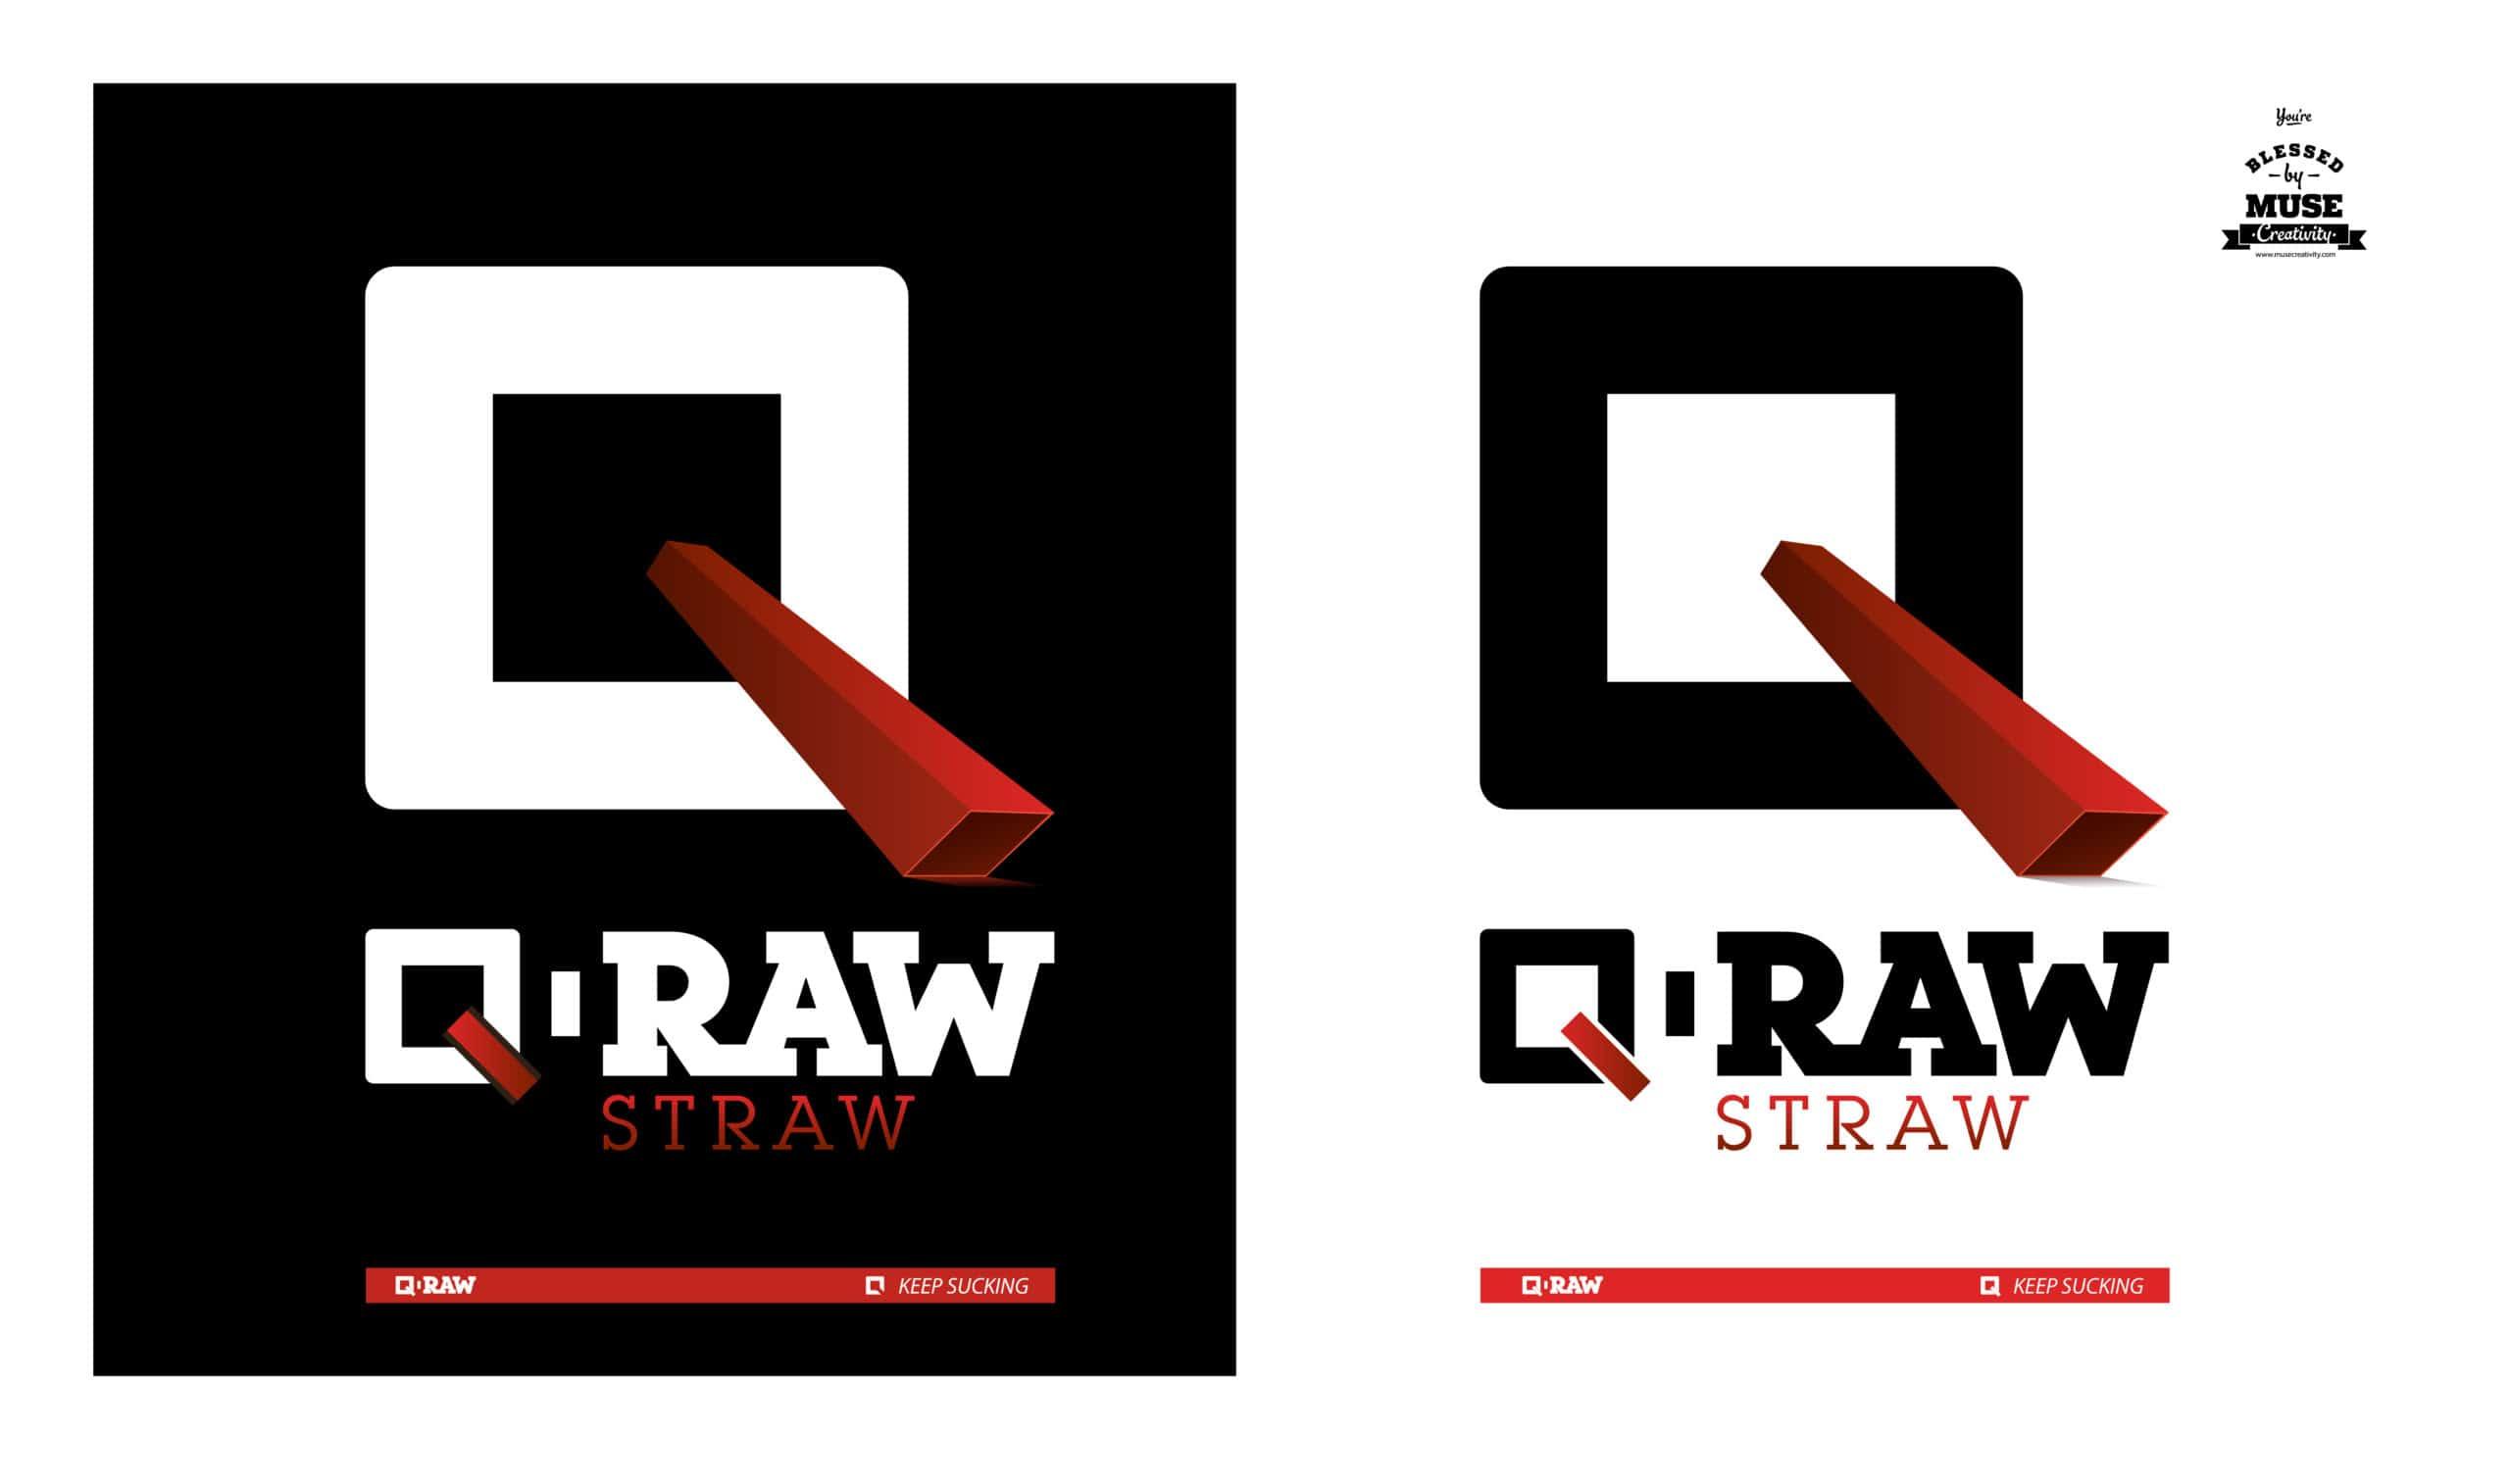 Корпоративна бранд дизайн идентичност на бранд за сламки Q-RAW лого дизайн от Muse Creativity